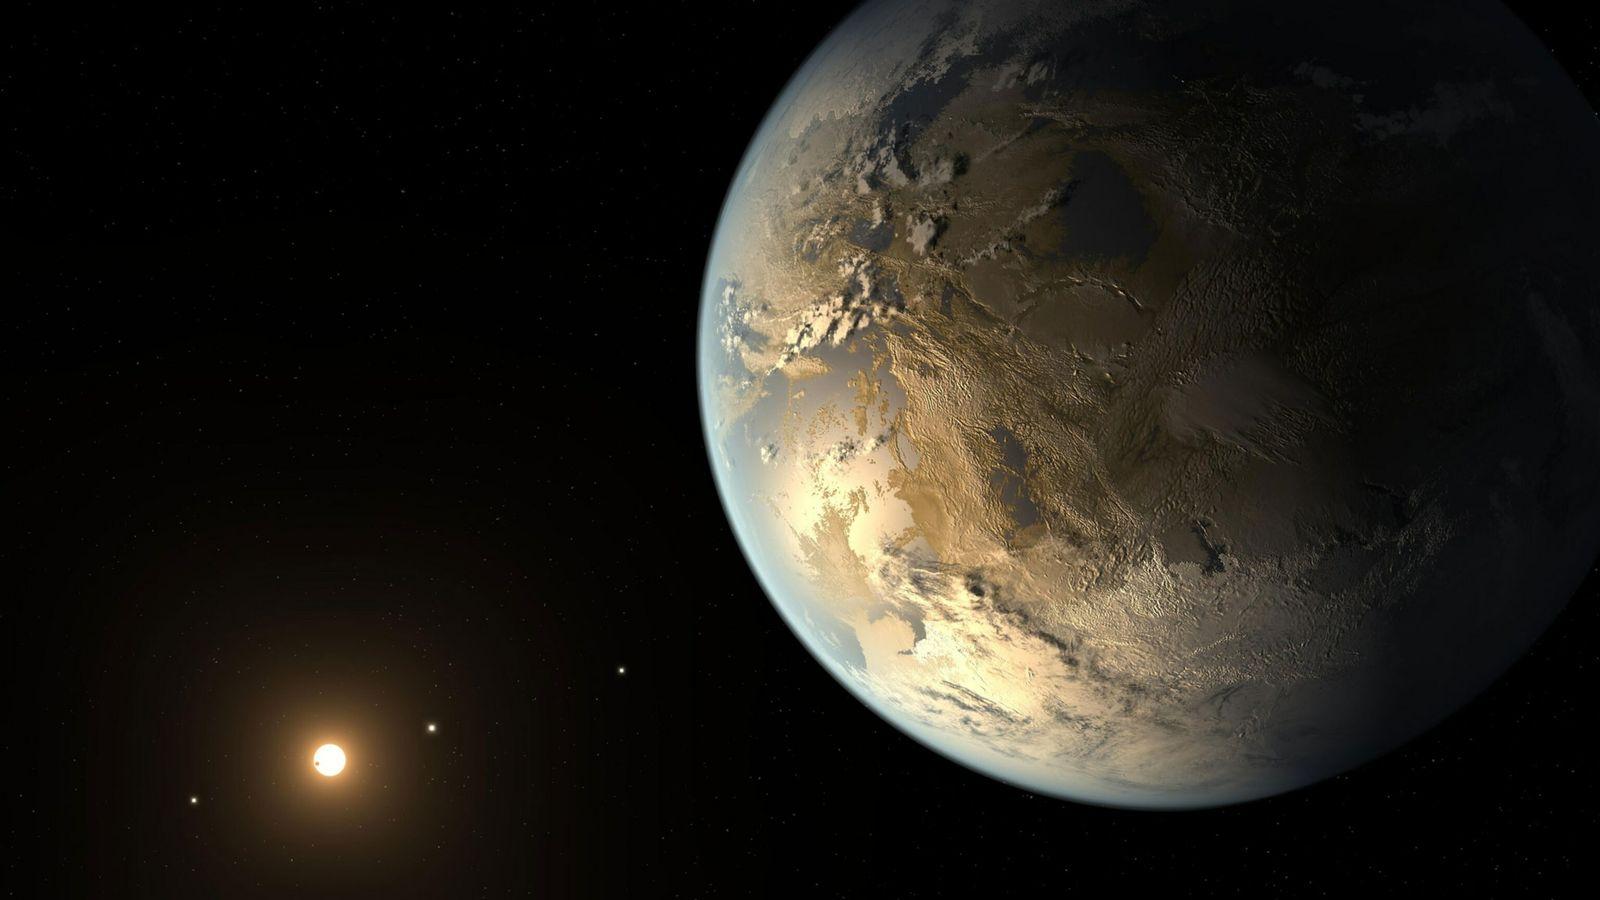 Kepler-186f war der erste erdähnliche Exoplanet, der in einer habitablen Zone entdeckt wurde.